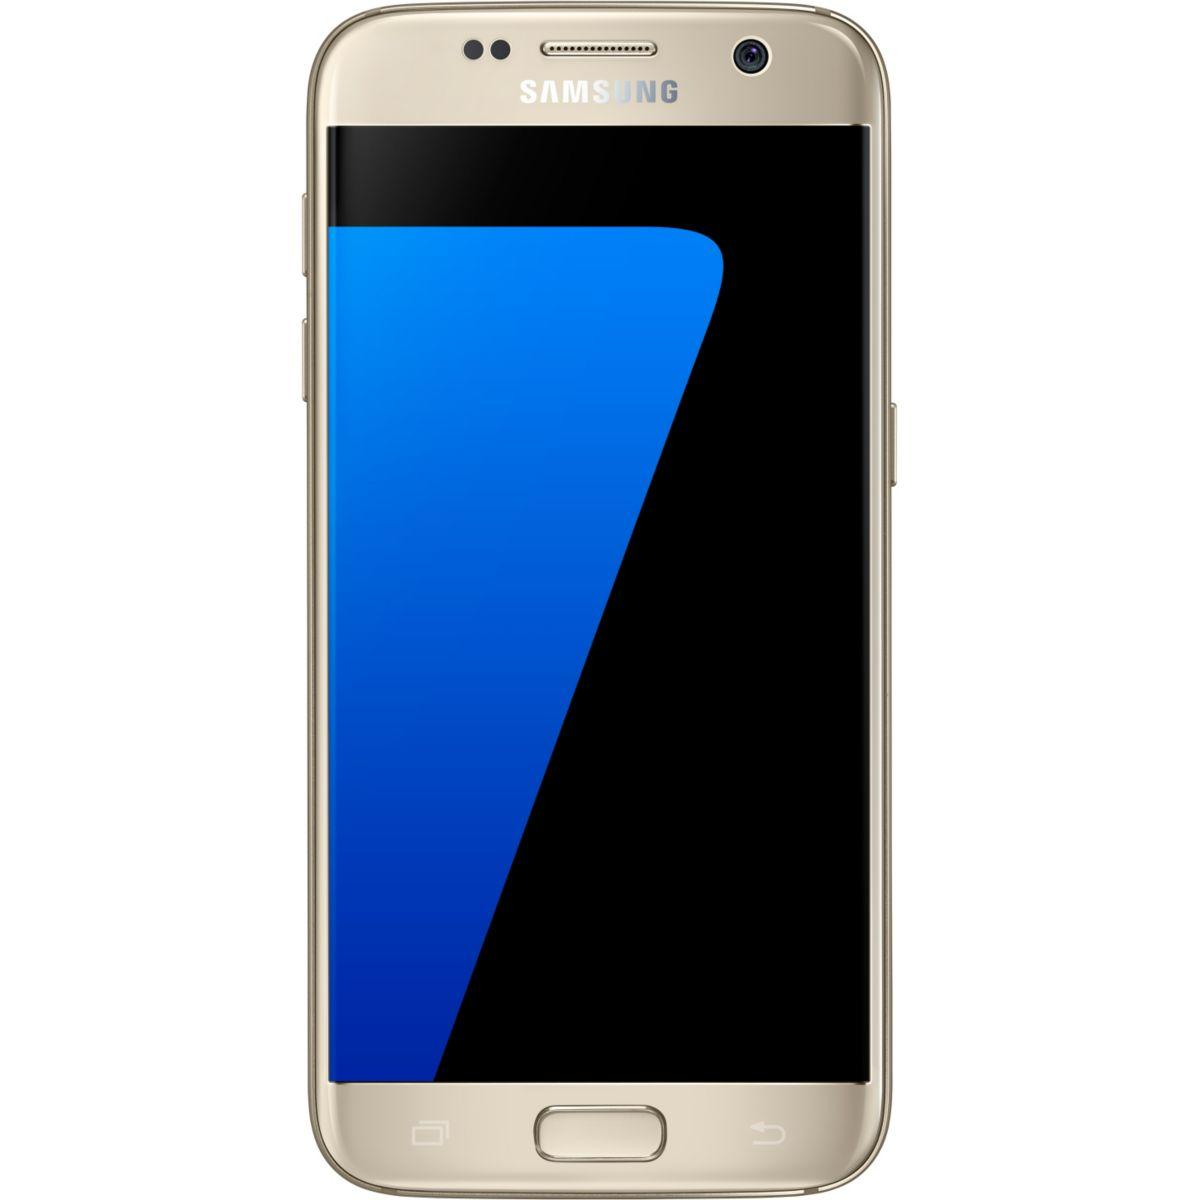 Pack promo smartphone samsung galaxy s7 32 go or + carte mémoire micro sd samsung 128go evo plus classe 10 + adaptateur - soldes et bonnes affaires à